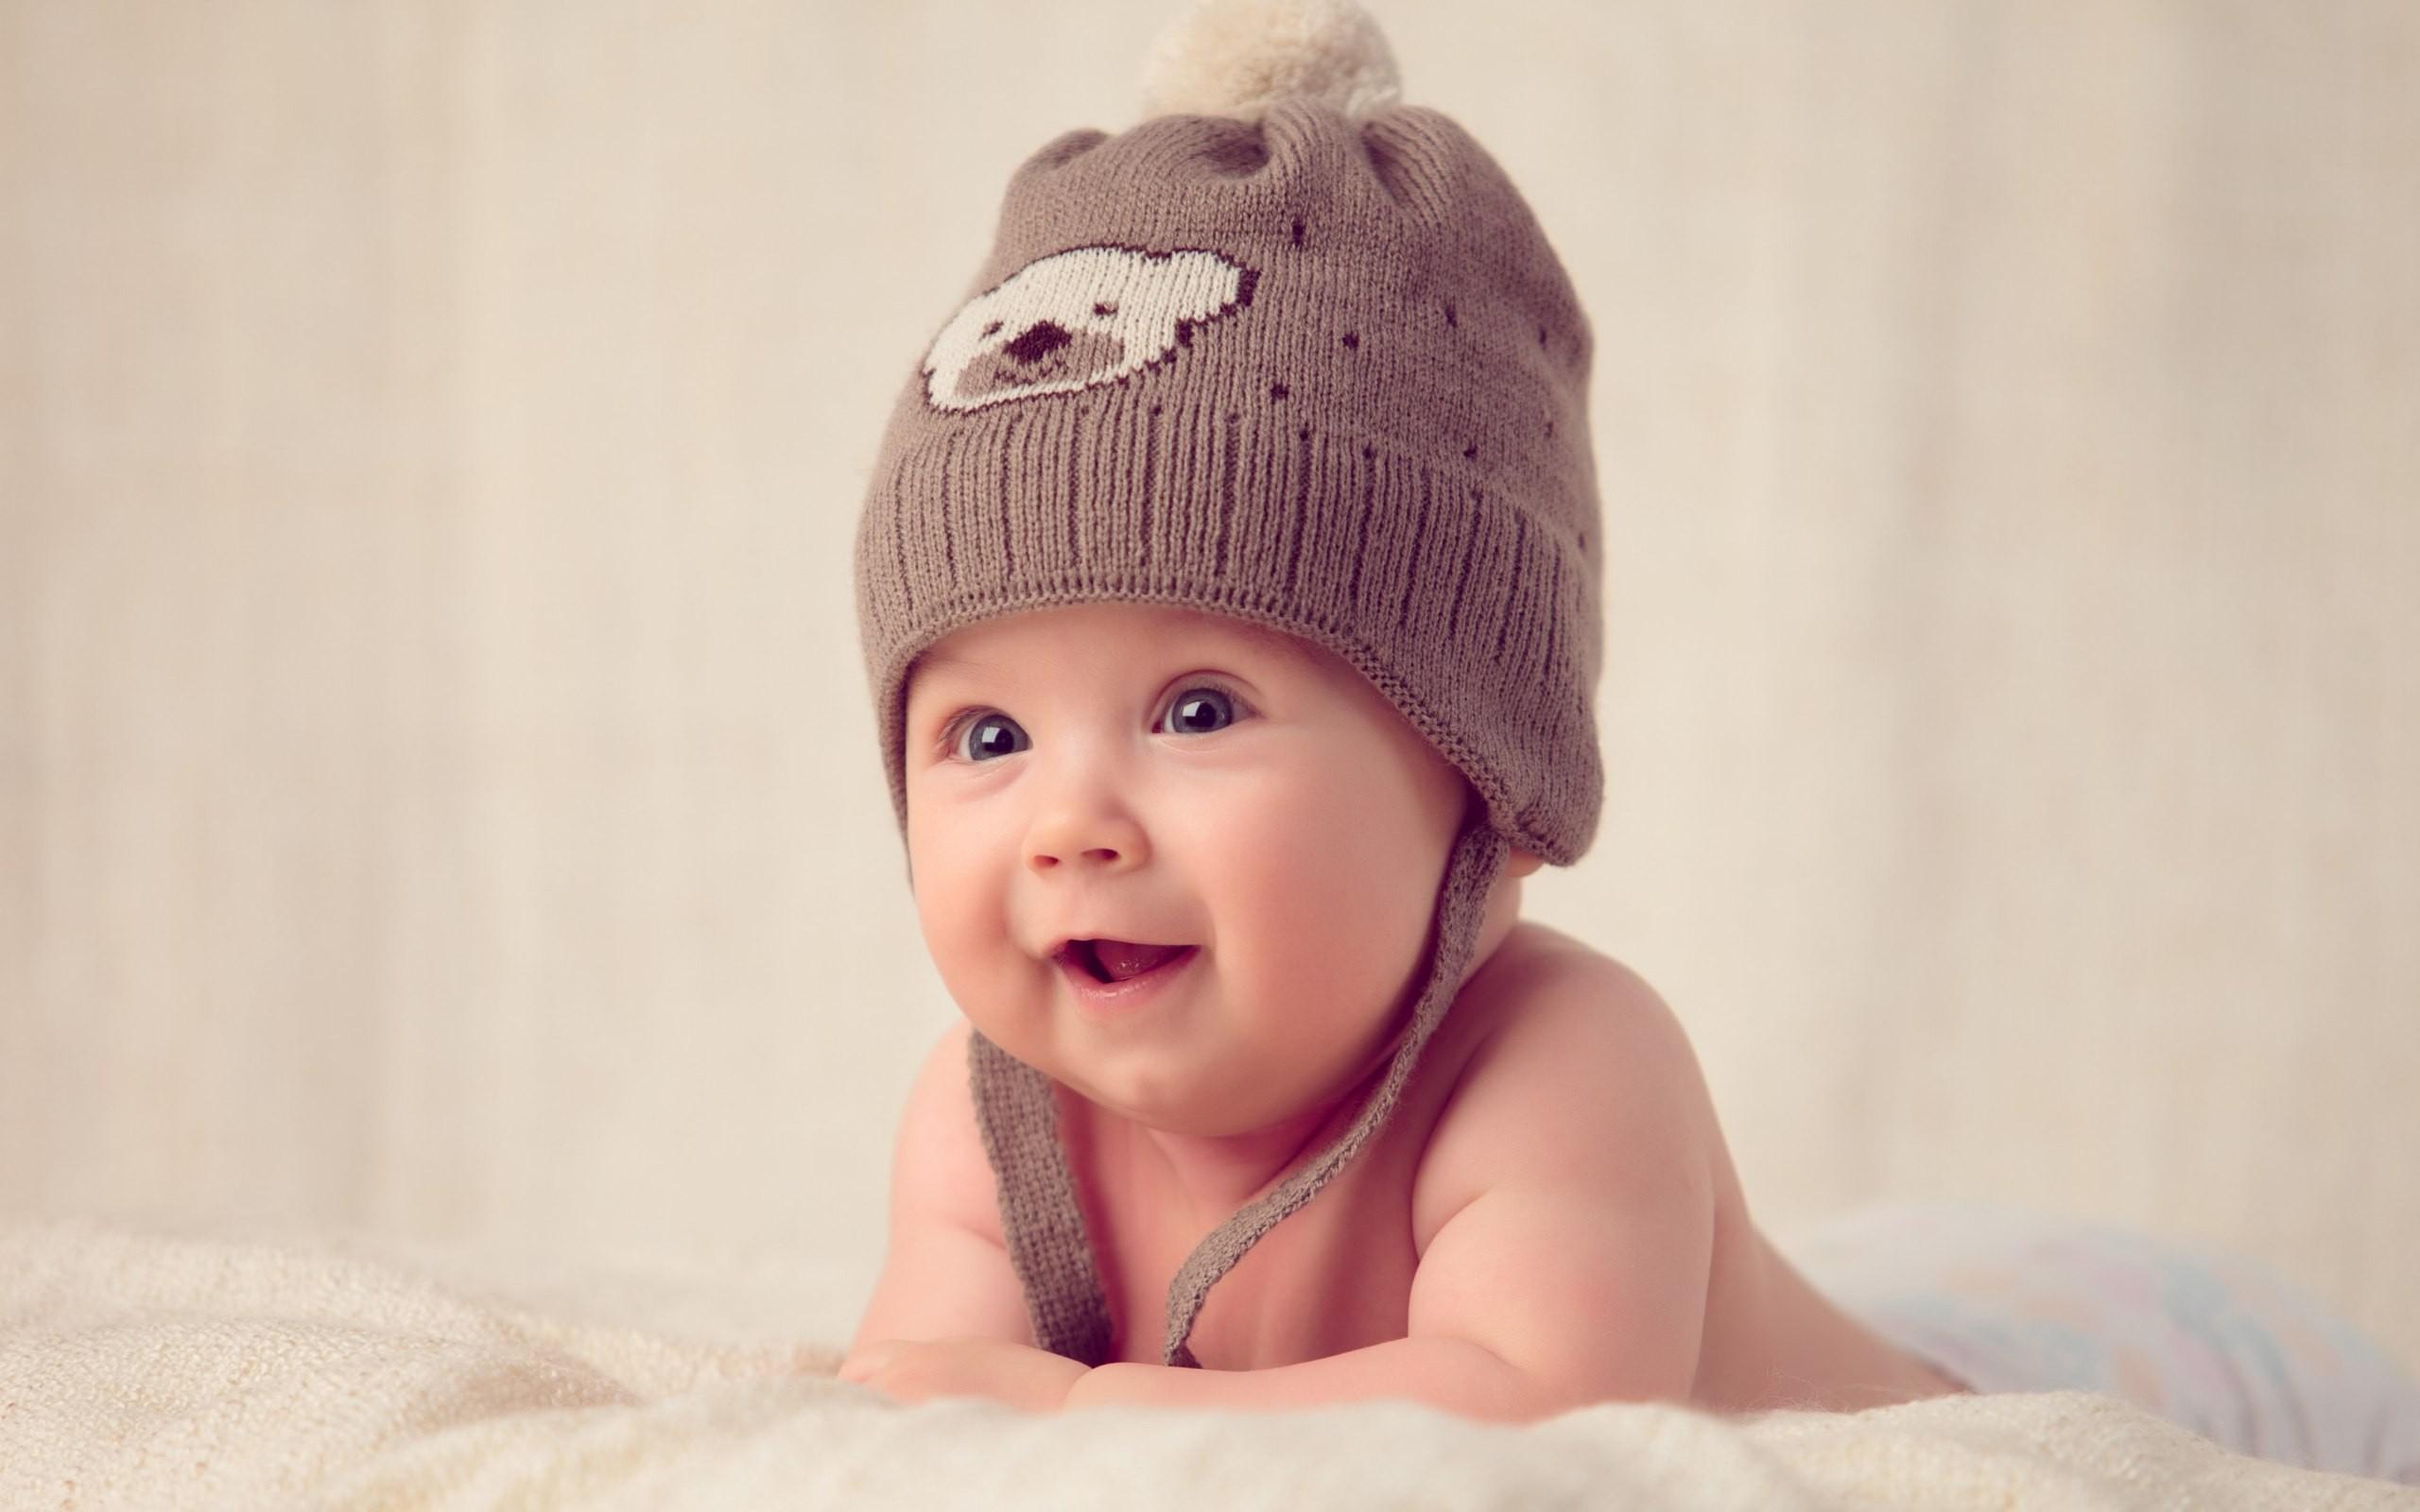 Fondos de pantalla : cara, sombrero, bebé, rosado, piel, ropa ...